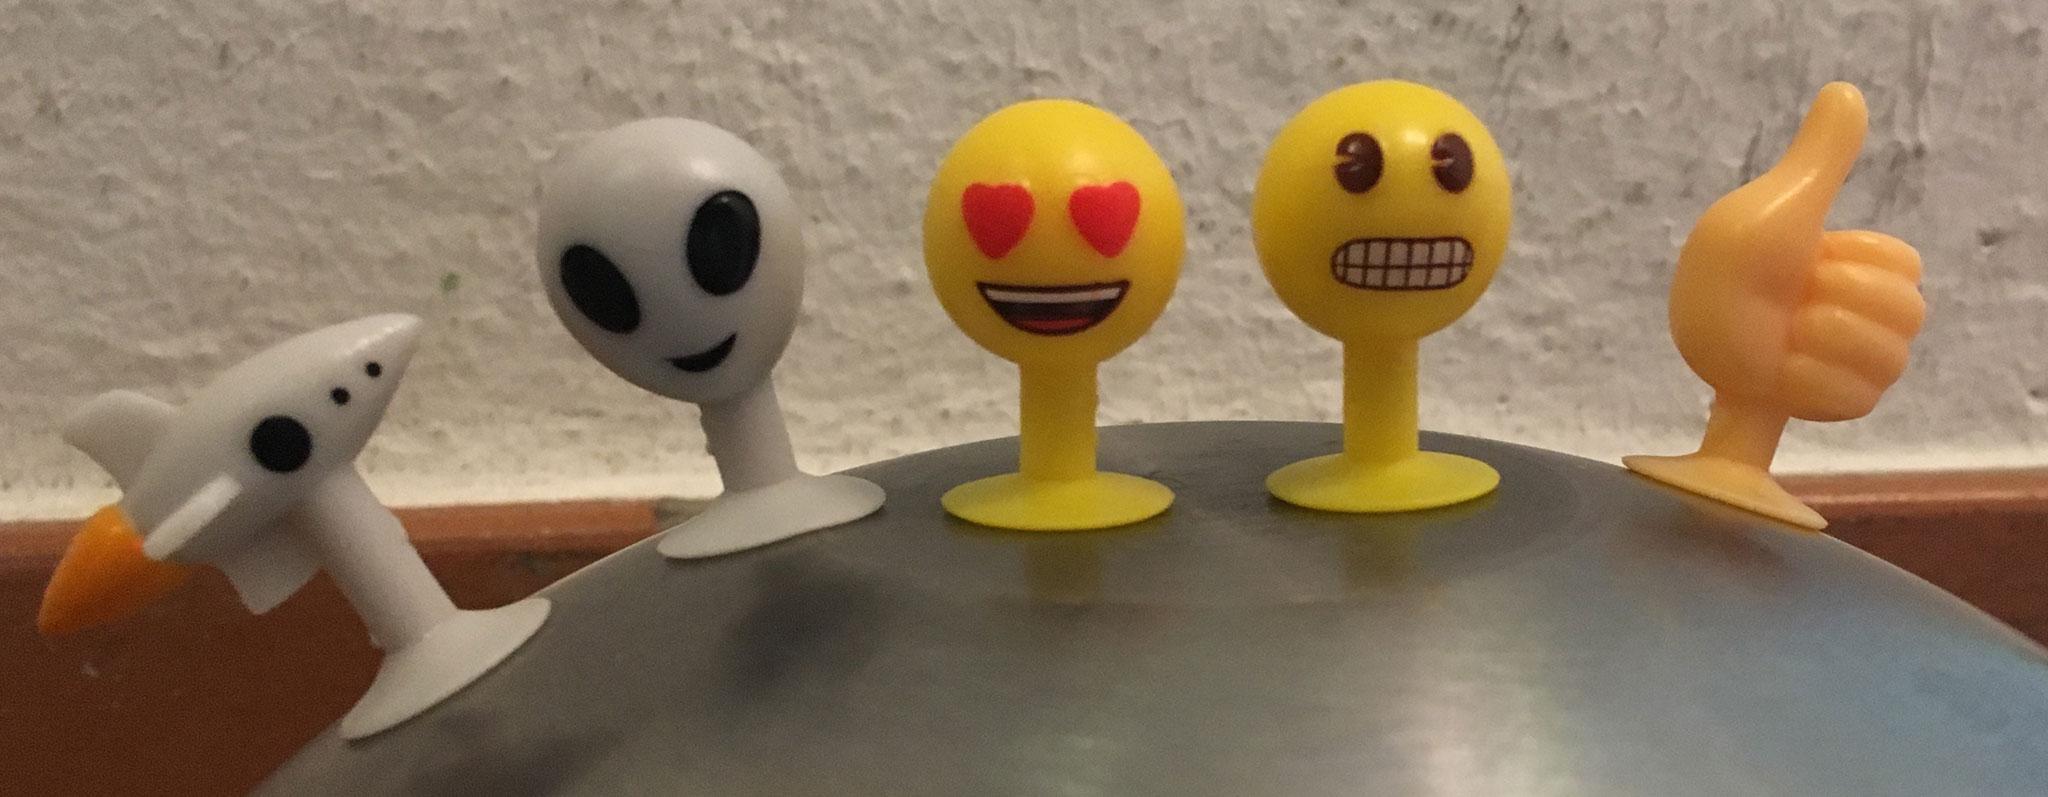 Plastic Emoji